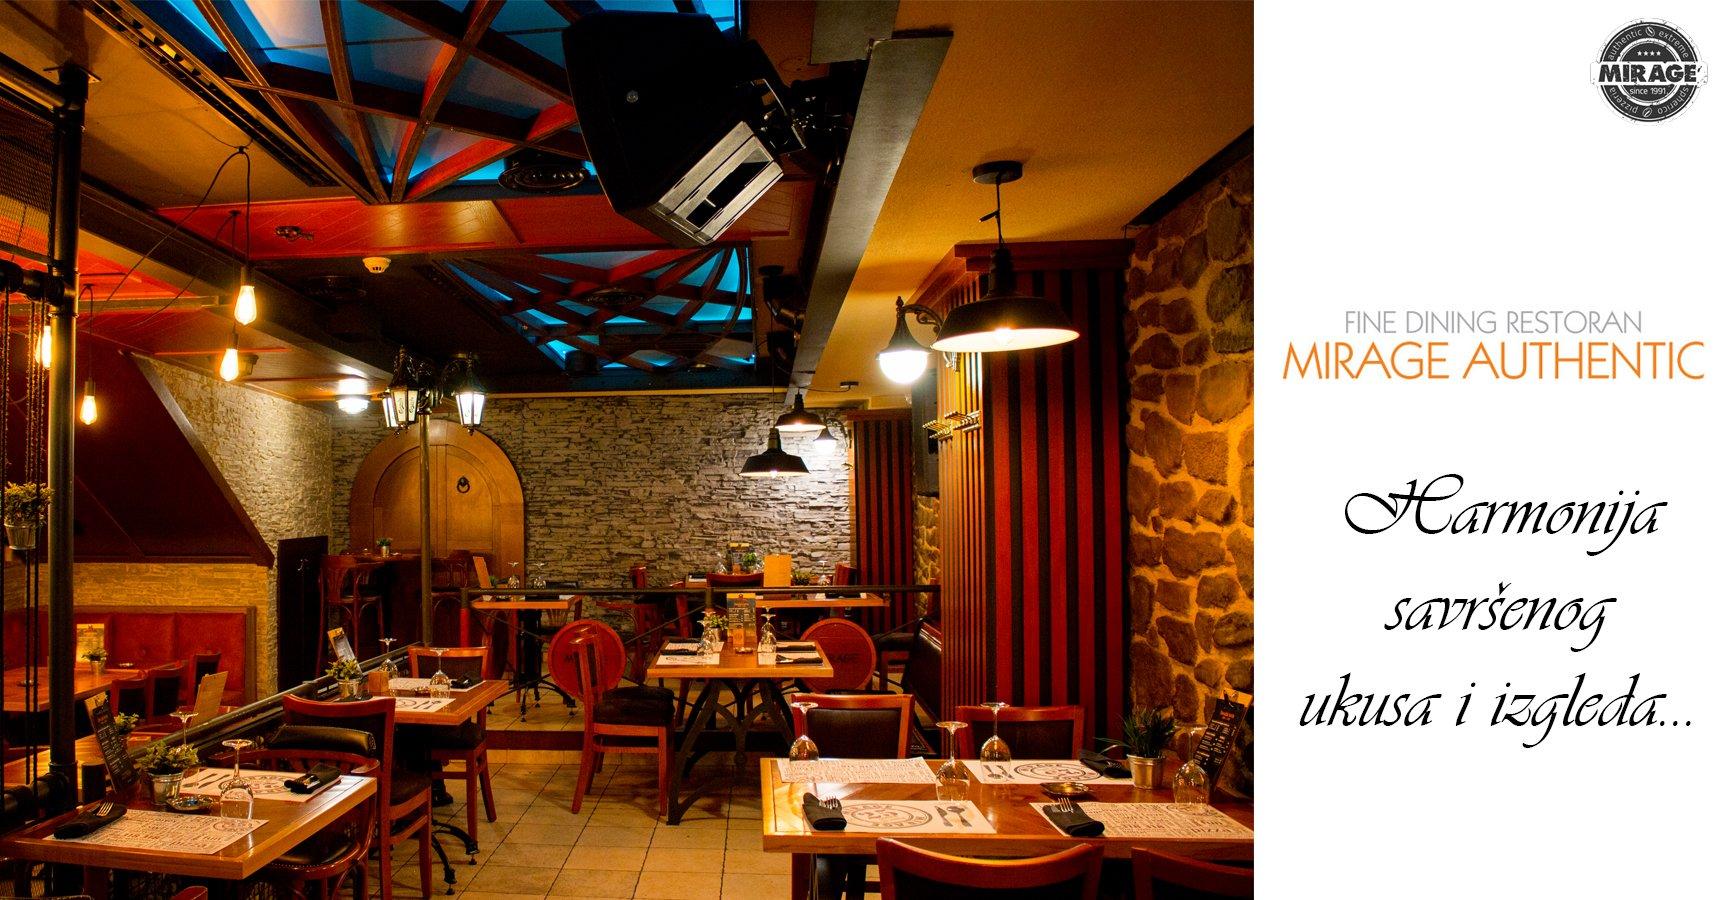 03-Authentic-Restoran